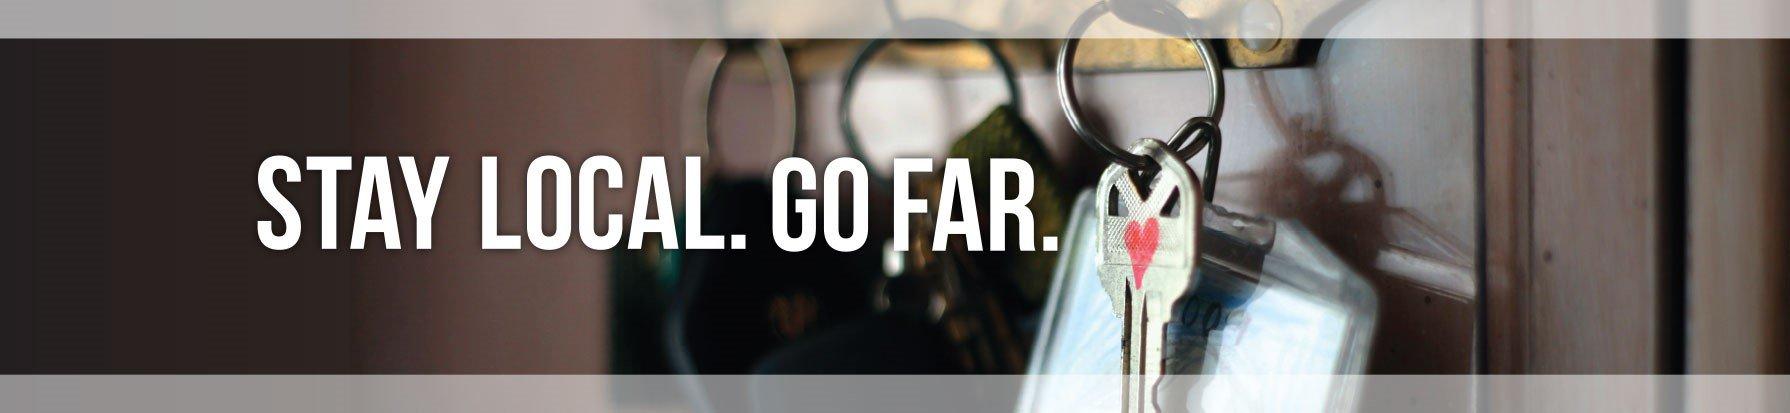 Stay Local. Go Far.